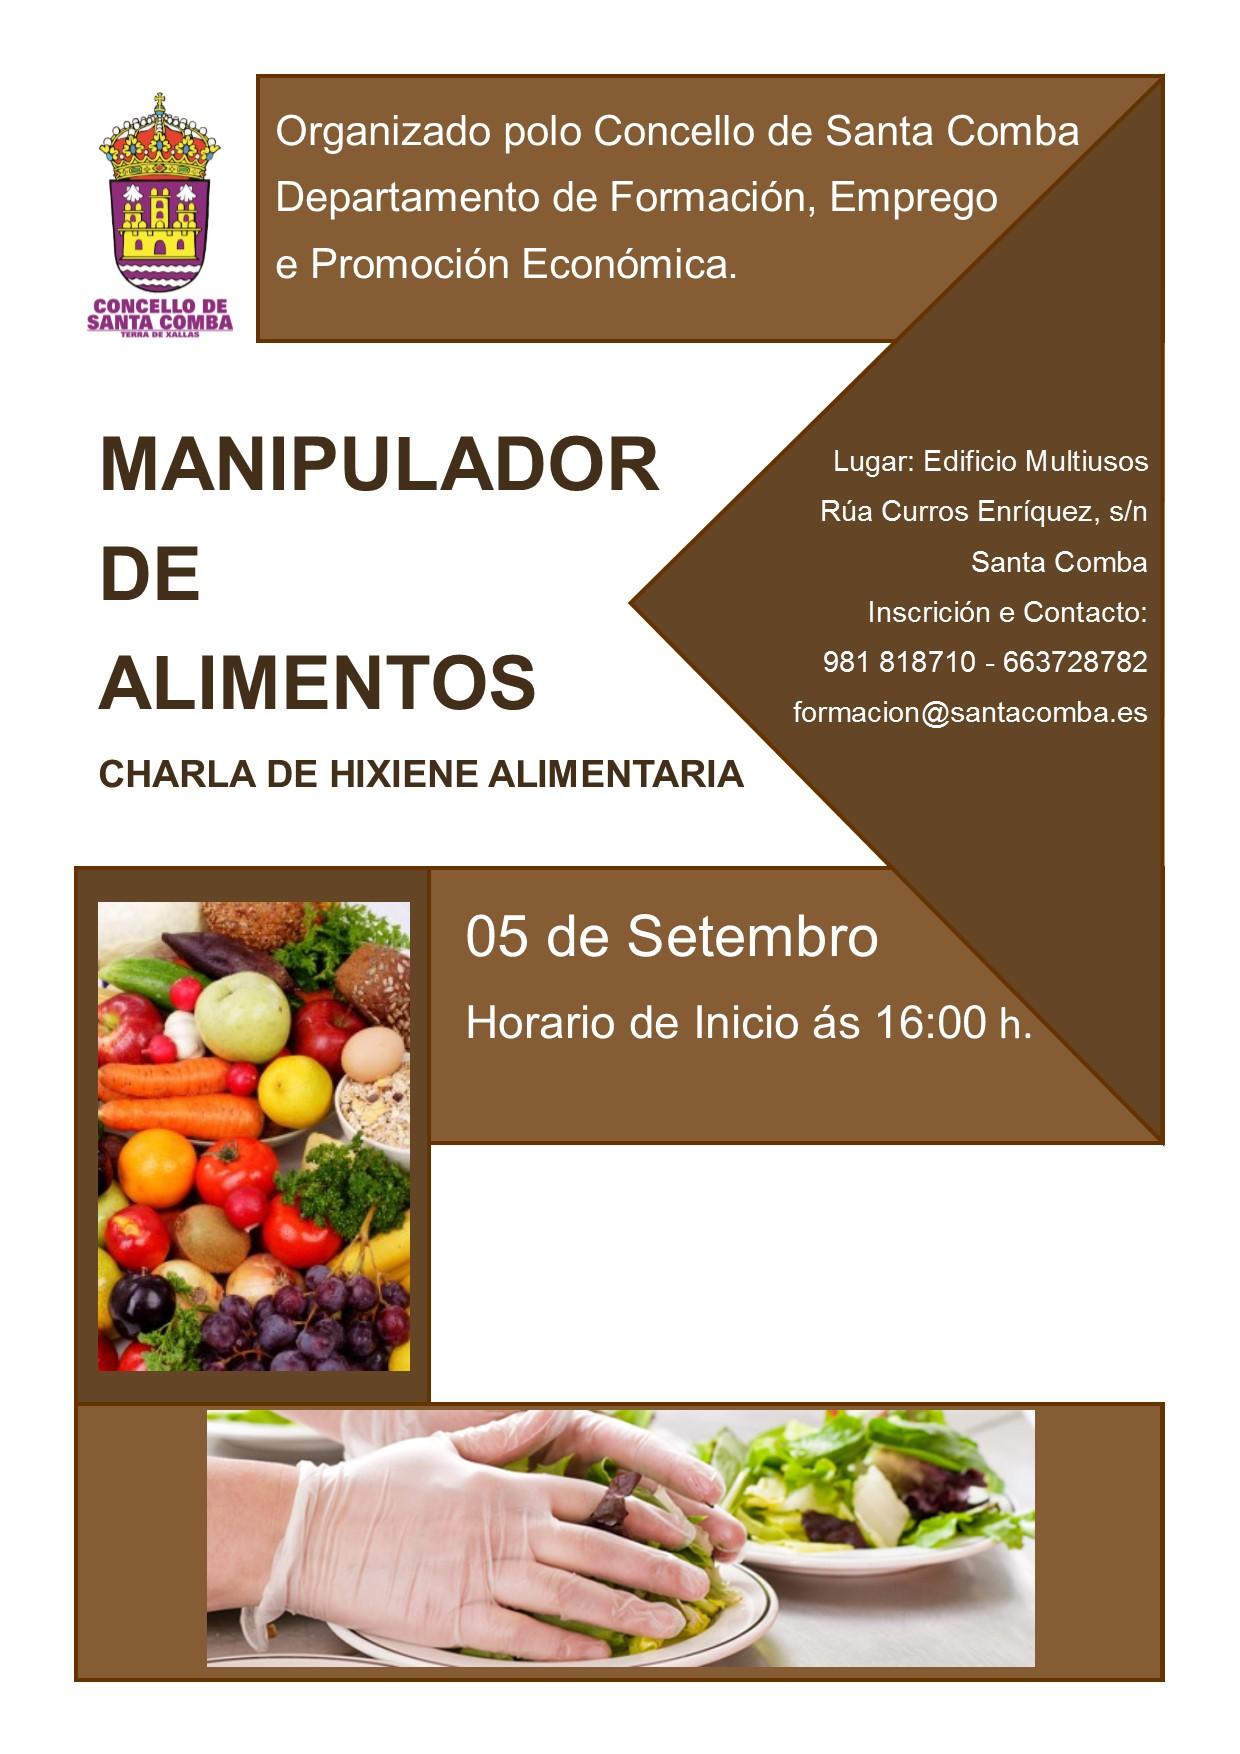 Manipulador de alimentos charla de hixiene alimentaria - Www manipulador de alimentos es ...